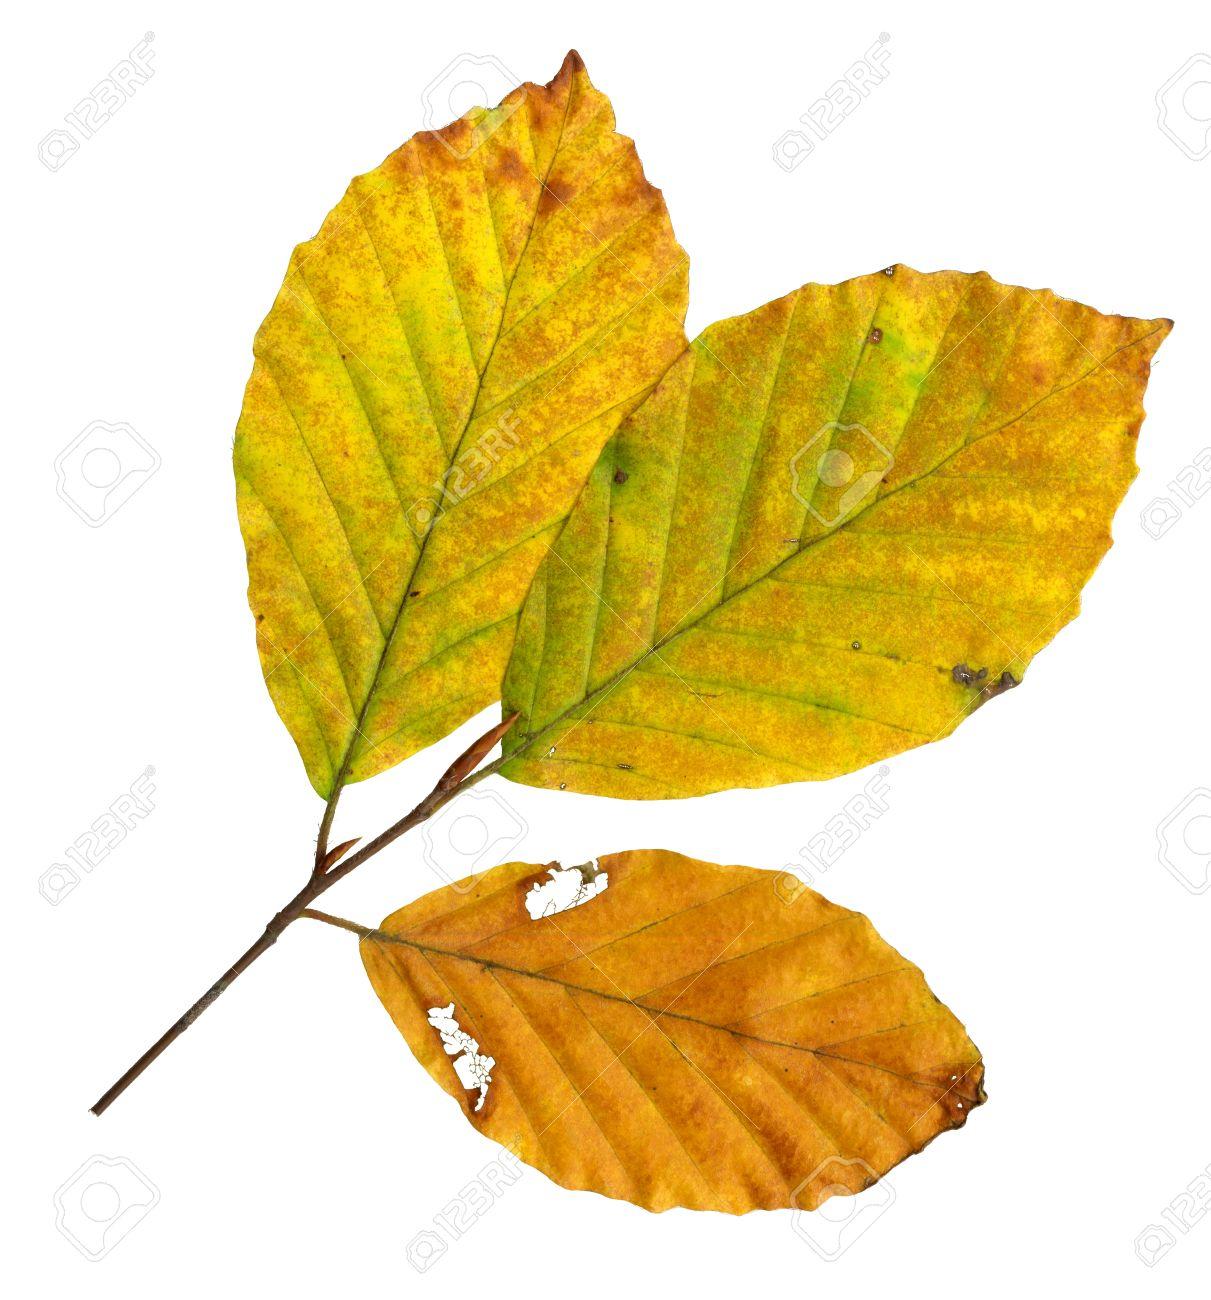 Autumn leaves of a copper beech, top surface, Fagus sylvatica Standard-Bild - 10019003